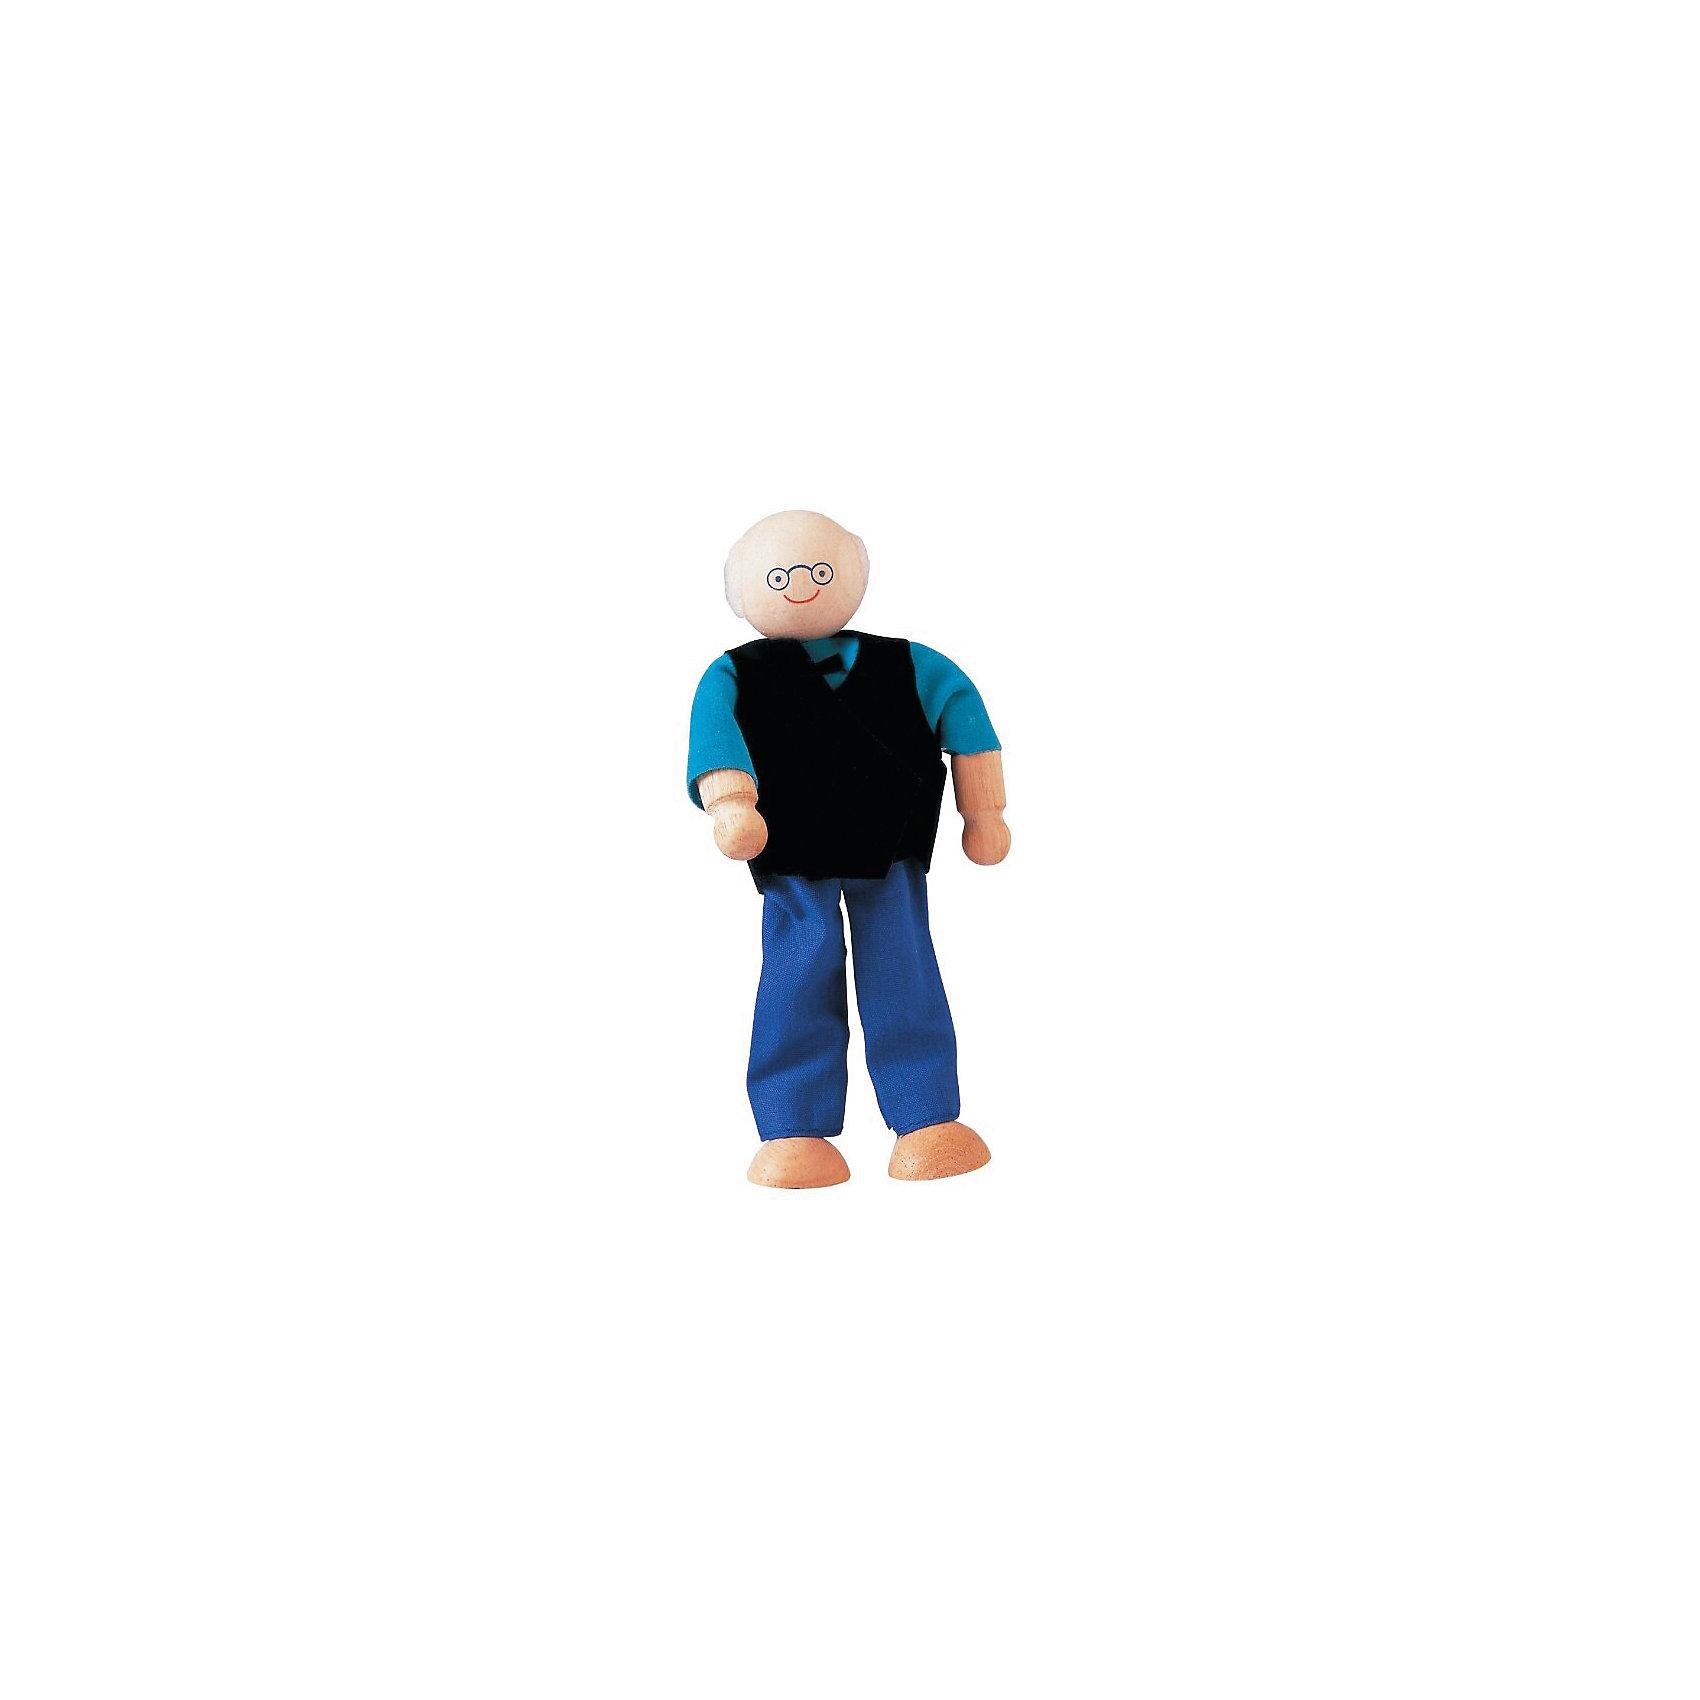 PLAN TOYS 9850 ДедушкаДеревянные куклы, домики и мебель<br>PLAN TOYS (Плен тойс) 9850: Дедушка.<br><br>Характеристика:<br><br>• Материал: каучуковое дерево, нетоксичные краски на водной основе, 100% хлопок.  <br>• Размер упаковки: 6,3х4,3х14 см. <br>• Размер куклы: 6х3х13 см.<br>• Кукла и одежда прекрасно проработаны, выглядят реалистично. <br>• Руки и ноги подвижные.<br>• Кукла может сидеть и стоять.<br><br>Добрый дедушка ждет в гости своих любимых внуков! Кукла выполнена из высококачественных материалов, в производстве которых использованы экологичные красители на водной основе. Игрушка выглядят очень реалистично, одета в повседневную одежду из натурального хлопка, все детали которой прекрасно проработаны. Отличный вариант для сюжетно-ролевых игр.<br><br>PLAN TOYS (Плен тойс) 9850: Дедушку можно купить в нашем интернет-магазине.<br><br>Ширина мм: 43<br>Глубина мм: 140<br>Высота мм: 63<br>Вес г: 110<br>Возраст от месяцев: 36<br>Возраст до месяцев: 72<br>Пол: Женский<br>Возраст: Детский<br>SKU: 2175357